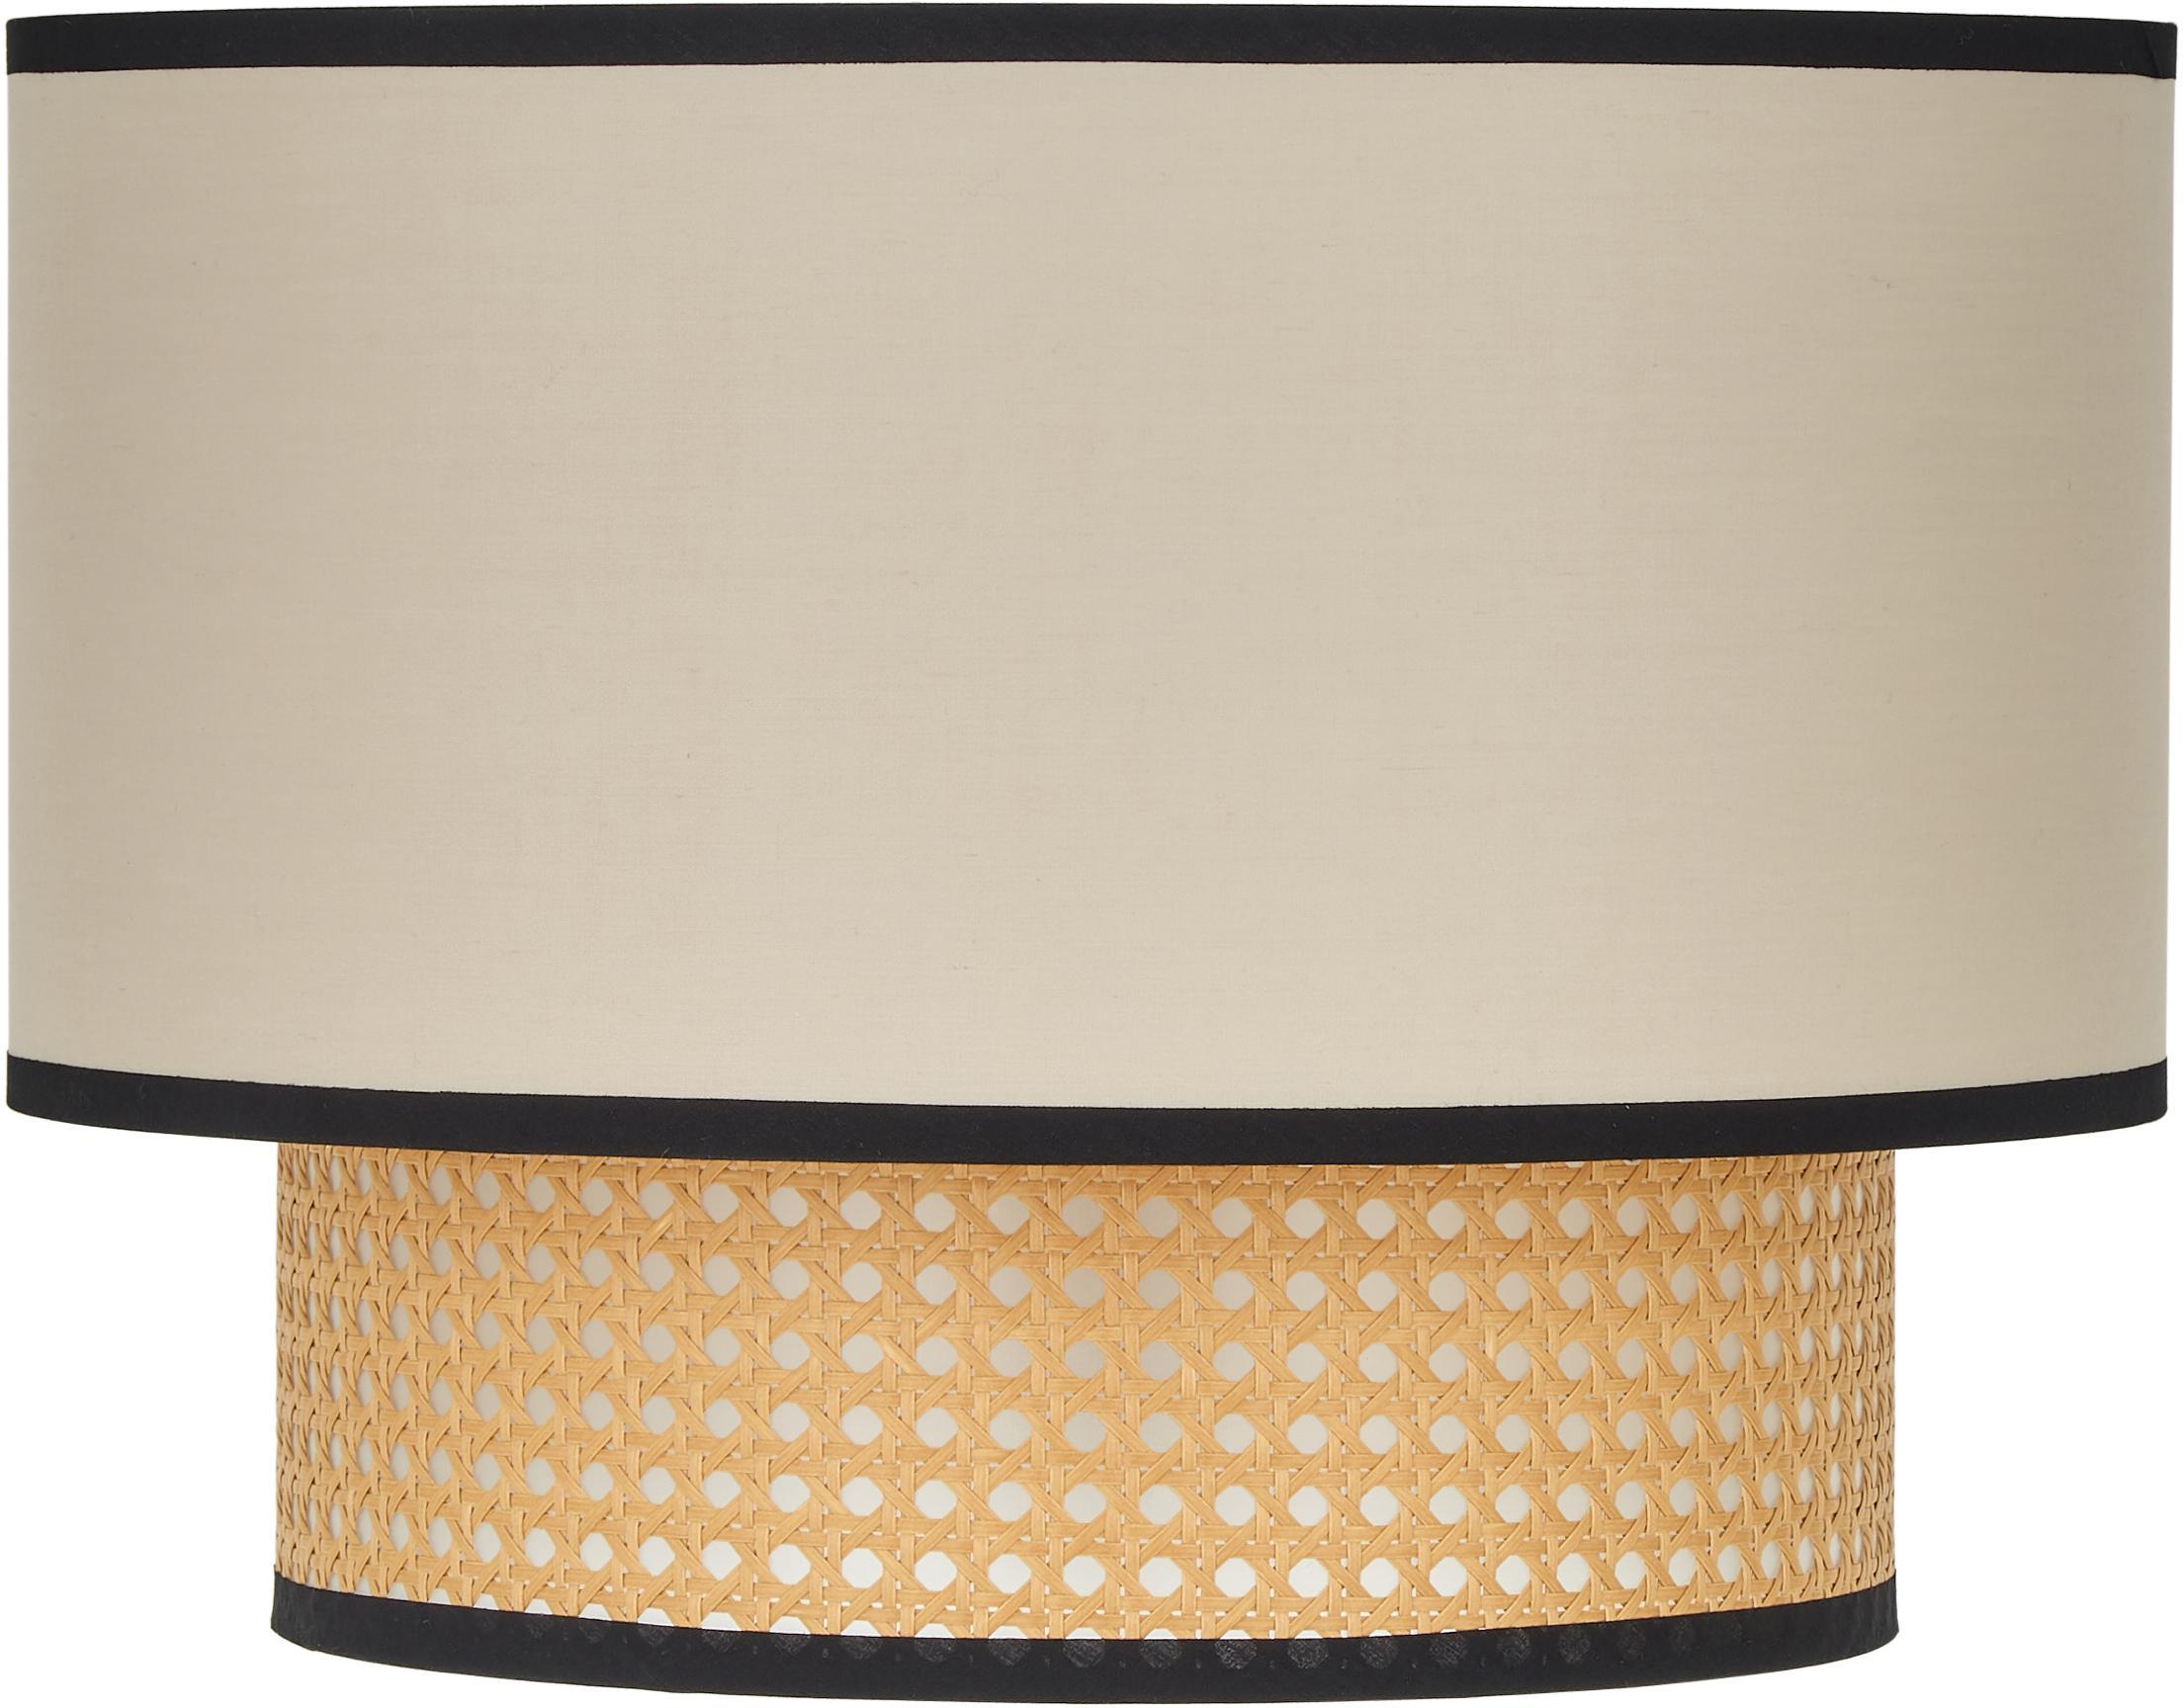 Plafón Vienna, Anclaje: metal con pintura en polv, Pantalla: mezcla de algodón, plásti, Beige, negro, crema, Ø 40 x Al 30 cm